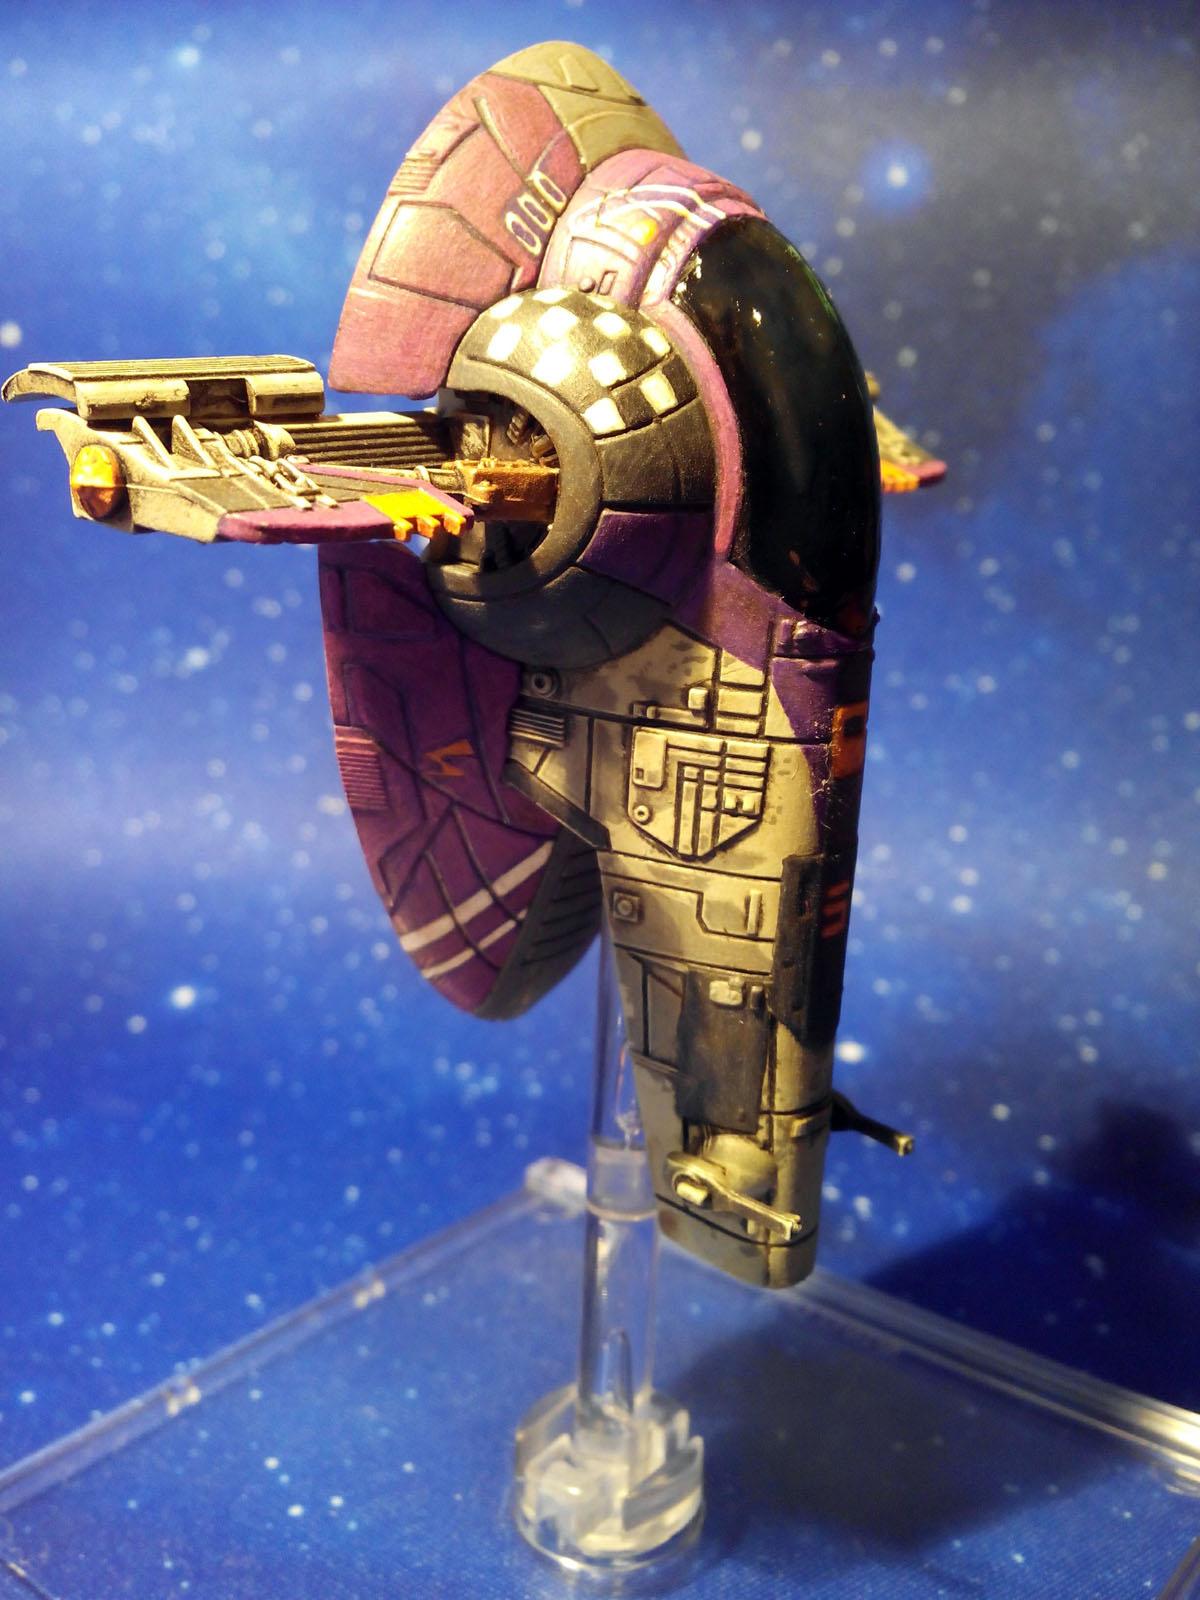 0d80881da8 El Firespray de Sabine supuso más trabajo del que acostumbro y estoy  dispuesto a dedicar a naves de X-Wing, pero Rebels me motiva muchísimo y me  lancé a ...